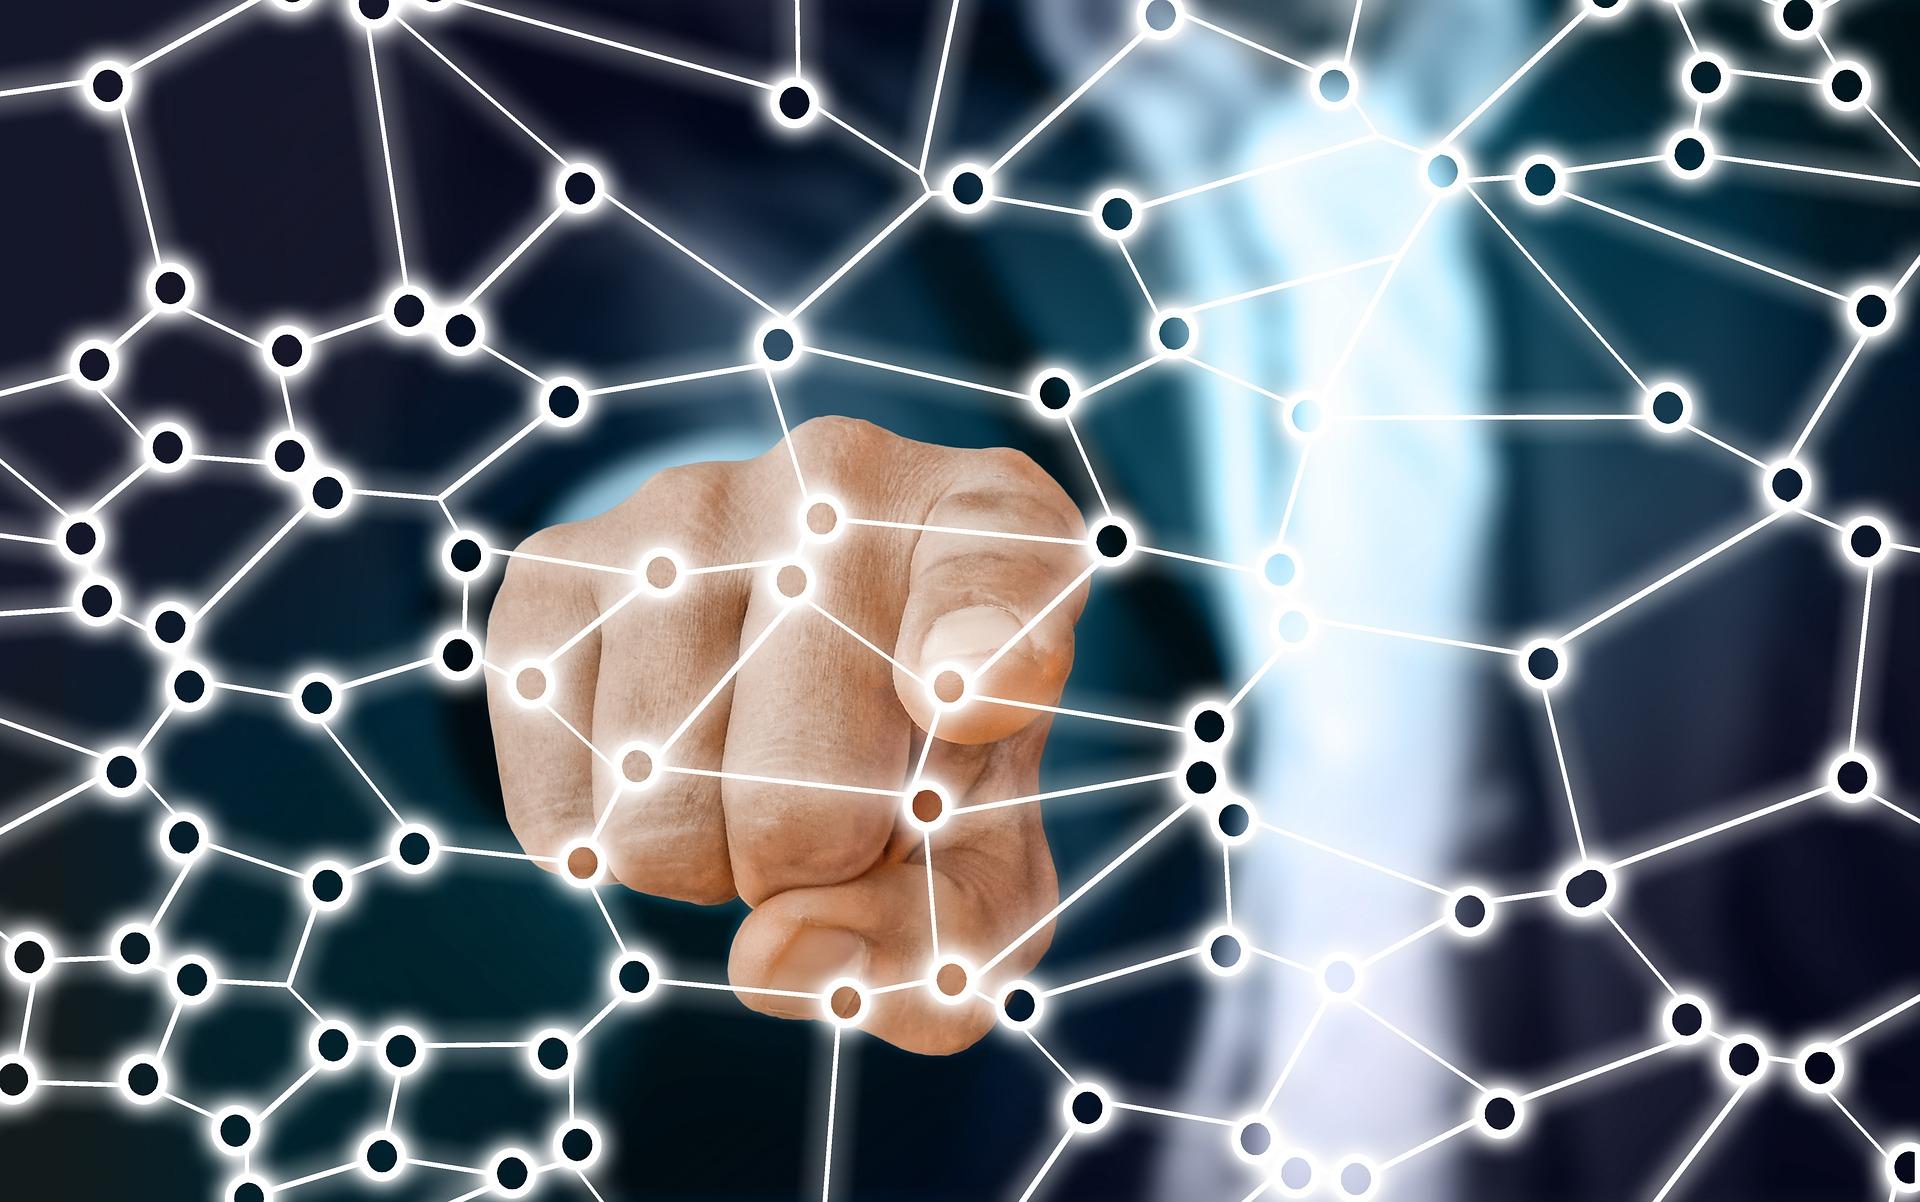 dedo señalando una red de puntos conectados, simil de los medios de comunicación